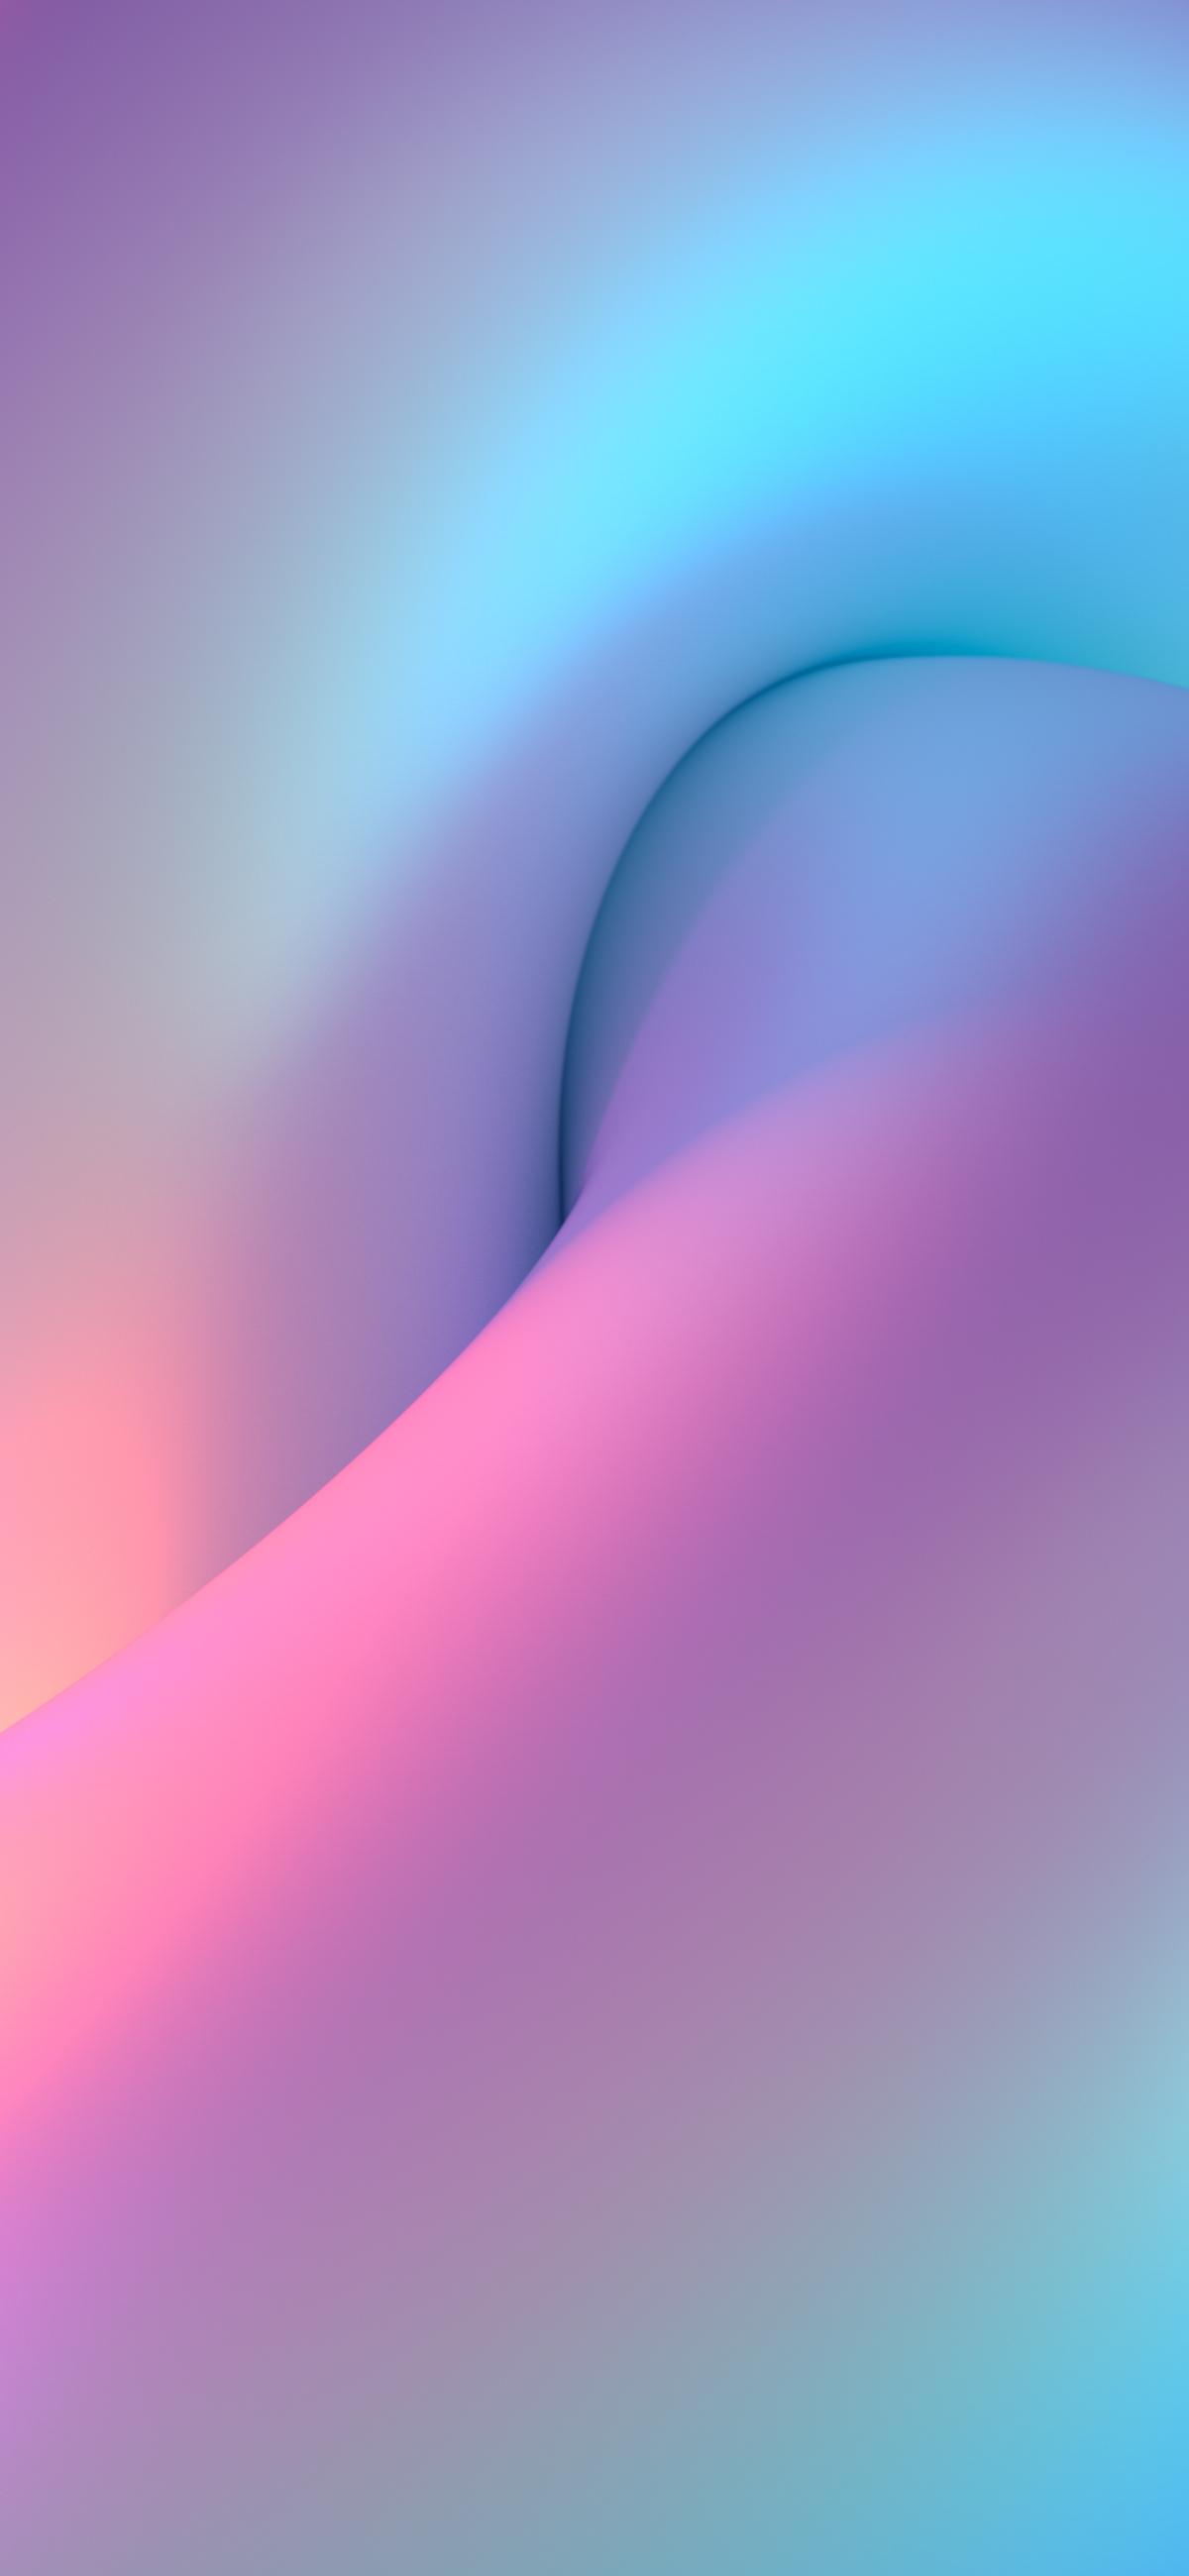 Facebook iOS 11 Wallpaper 7 - تحميل خلفيات لجوال آيفون مقدمة من فريق تصميم فيسبوك